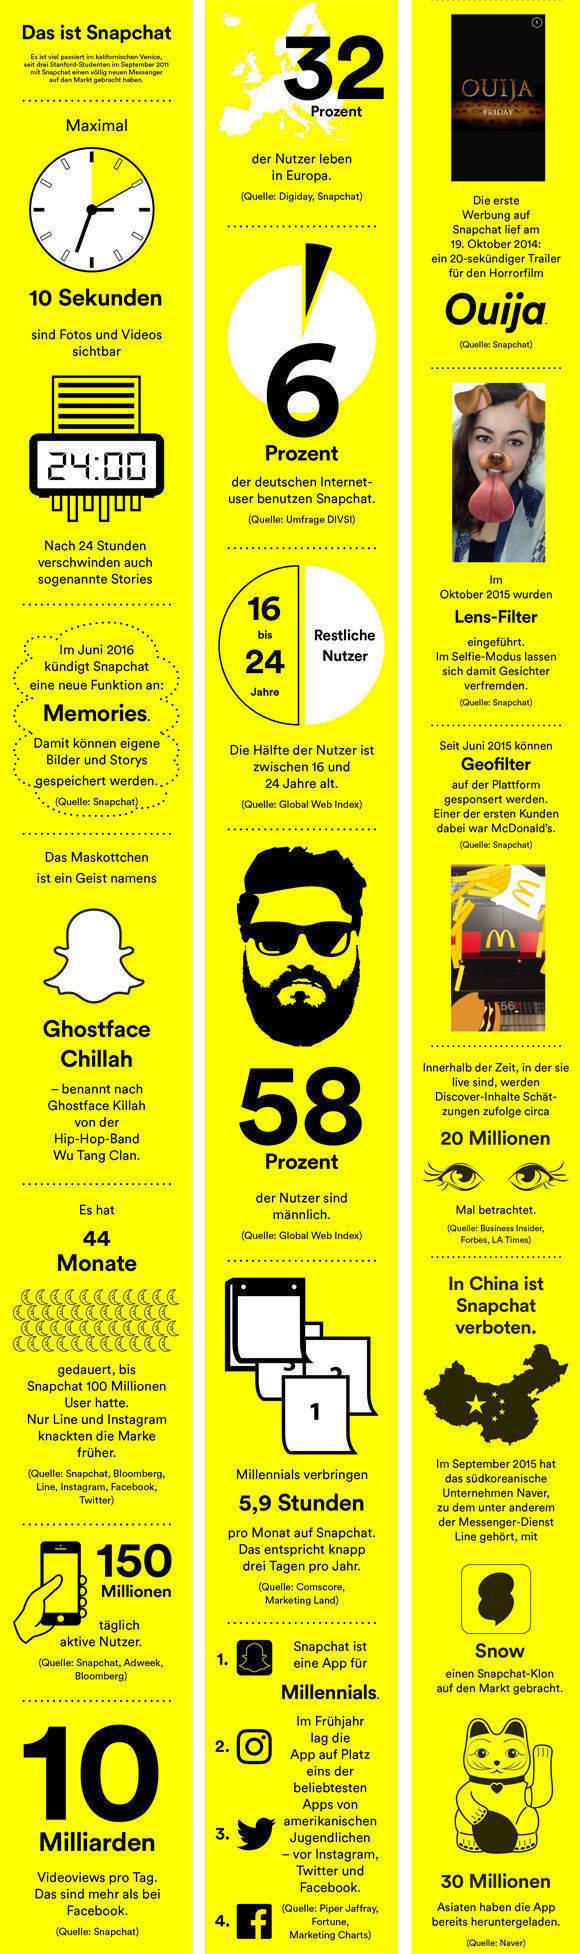 Infografik: Was Marken über Snapchat wissen müssen | W&V